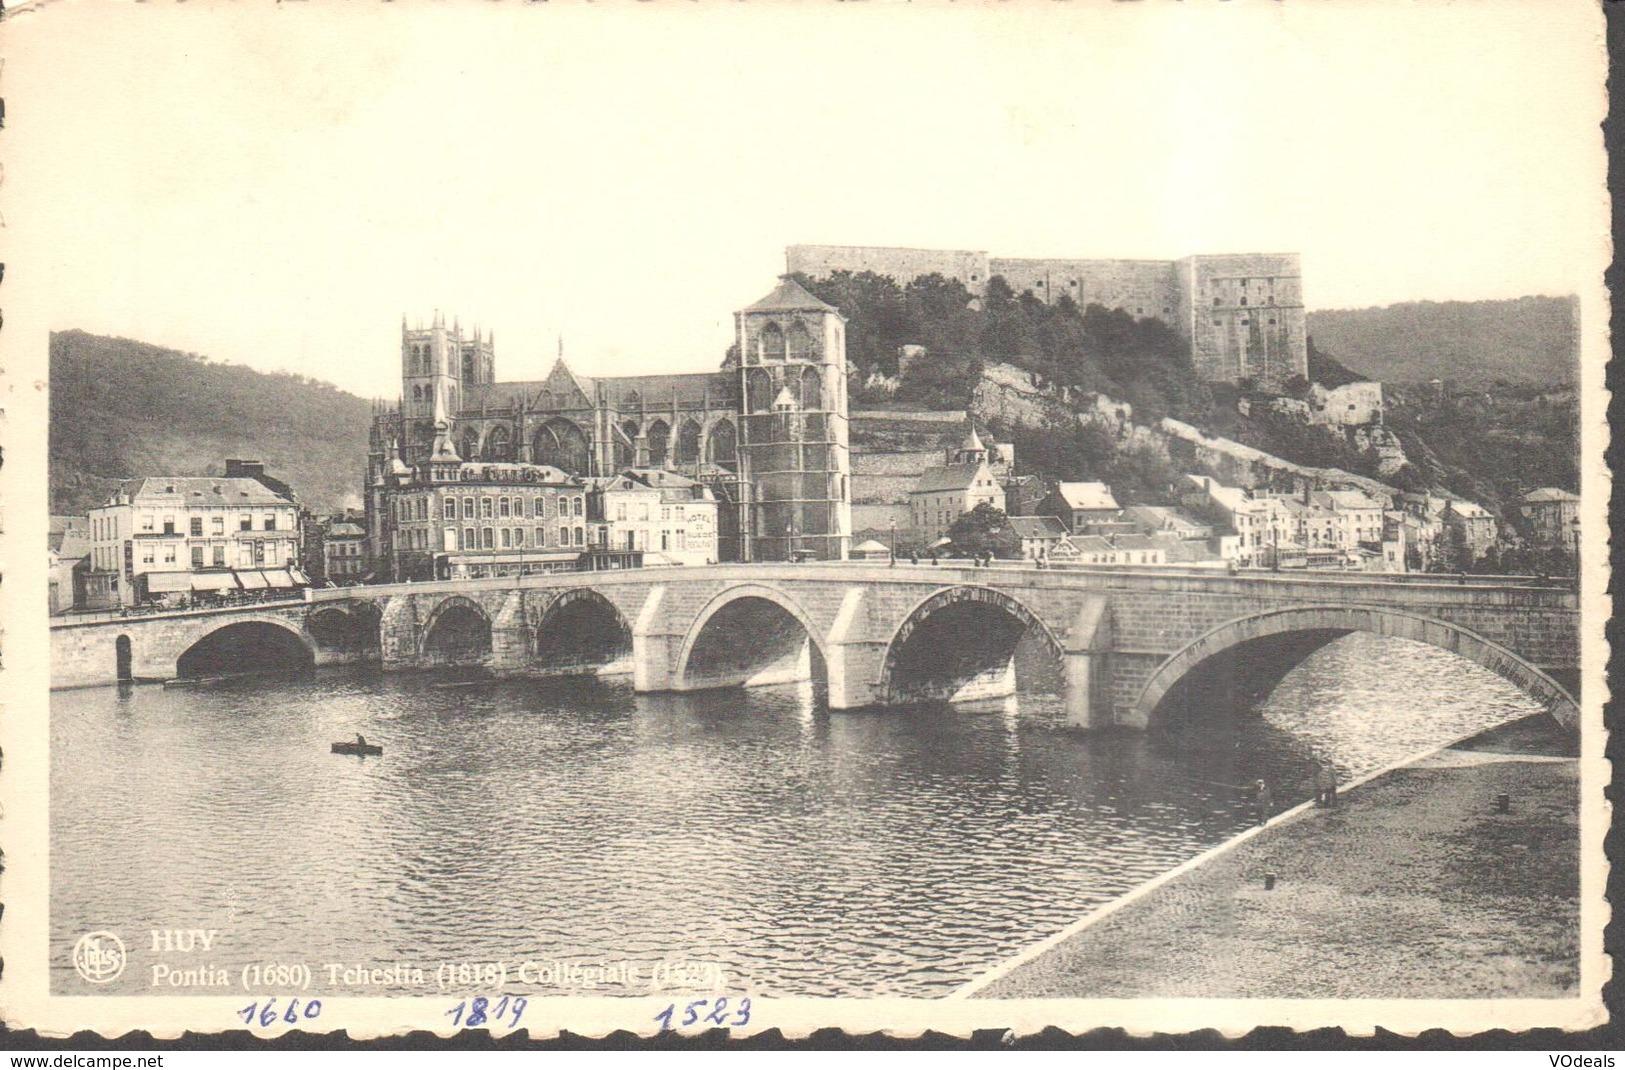 CPA - Belgique -  Liège - Huy - Pontia - Tchestia - Collégiale - Huy